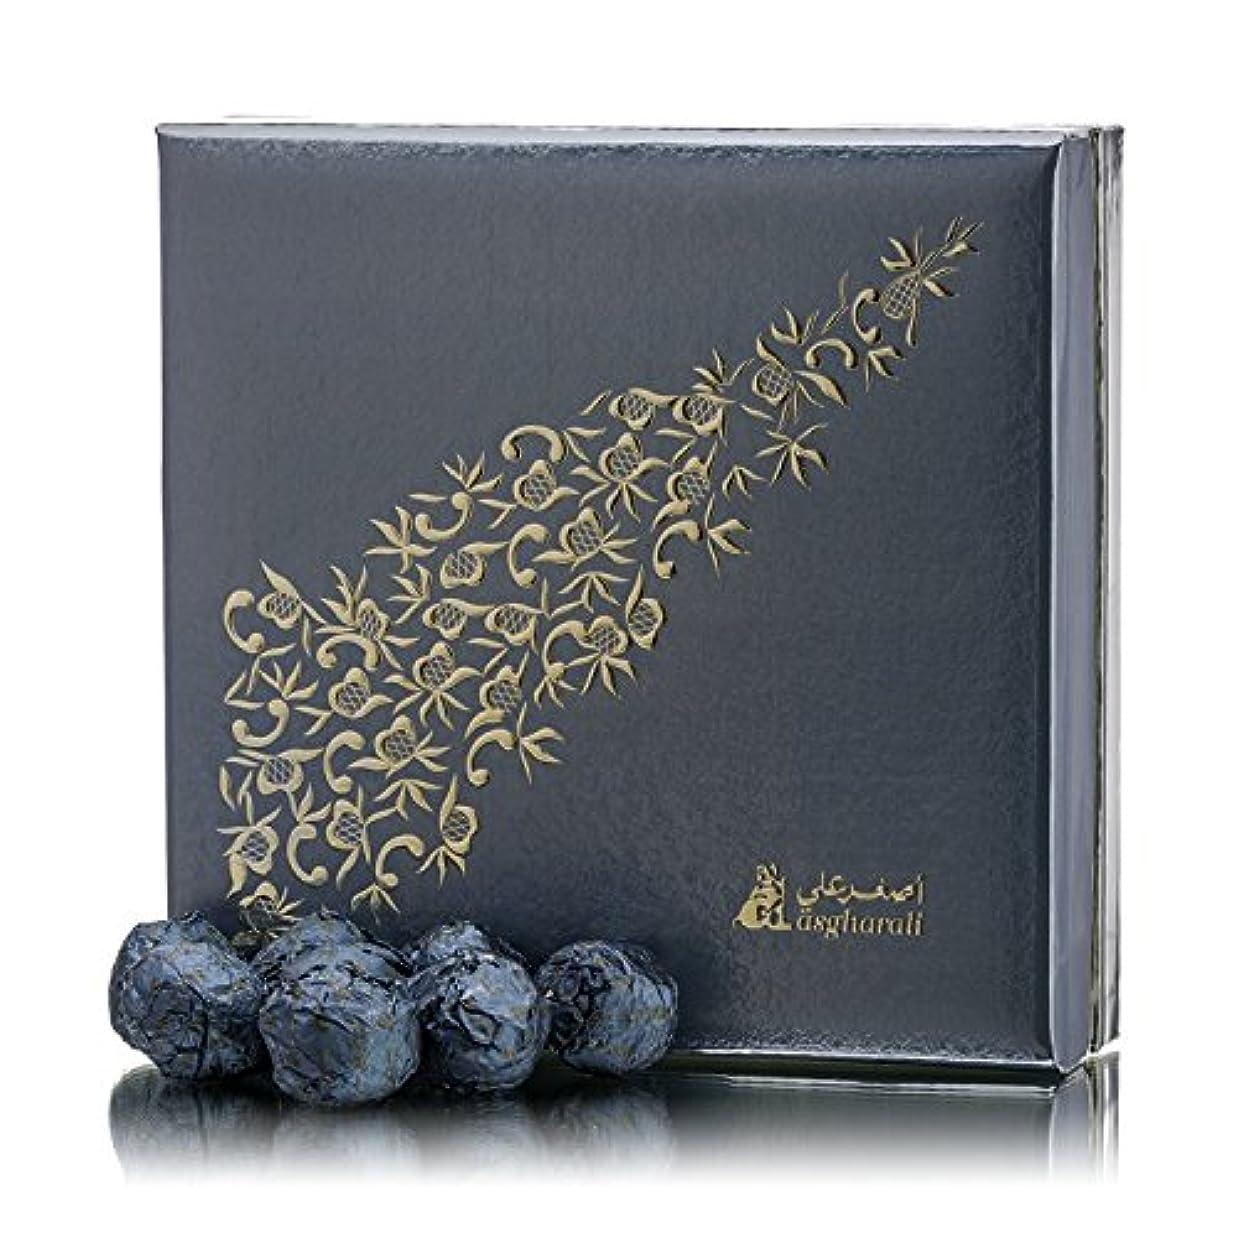 効率的メール推論Asgharali debaaj mustabaraq 300ミリグラム – Shay Oud、花柄、Woody、Oriental Incense Limited Edition Bakhoor